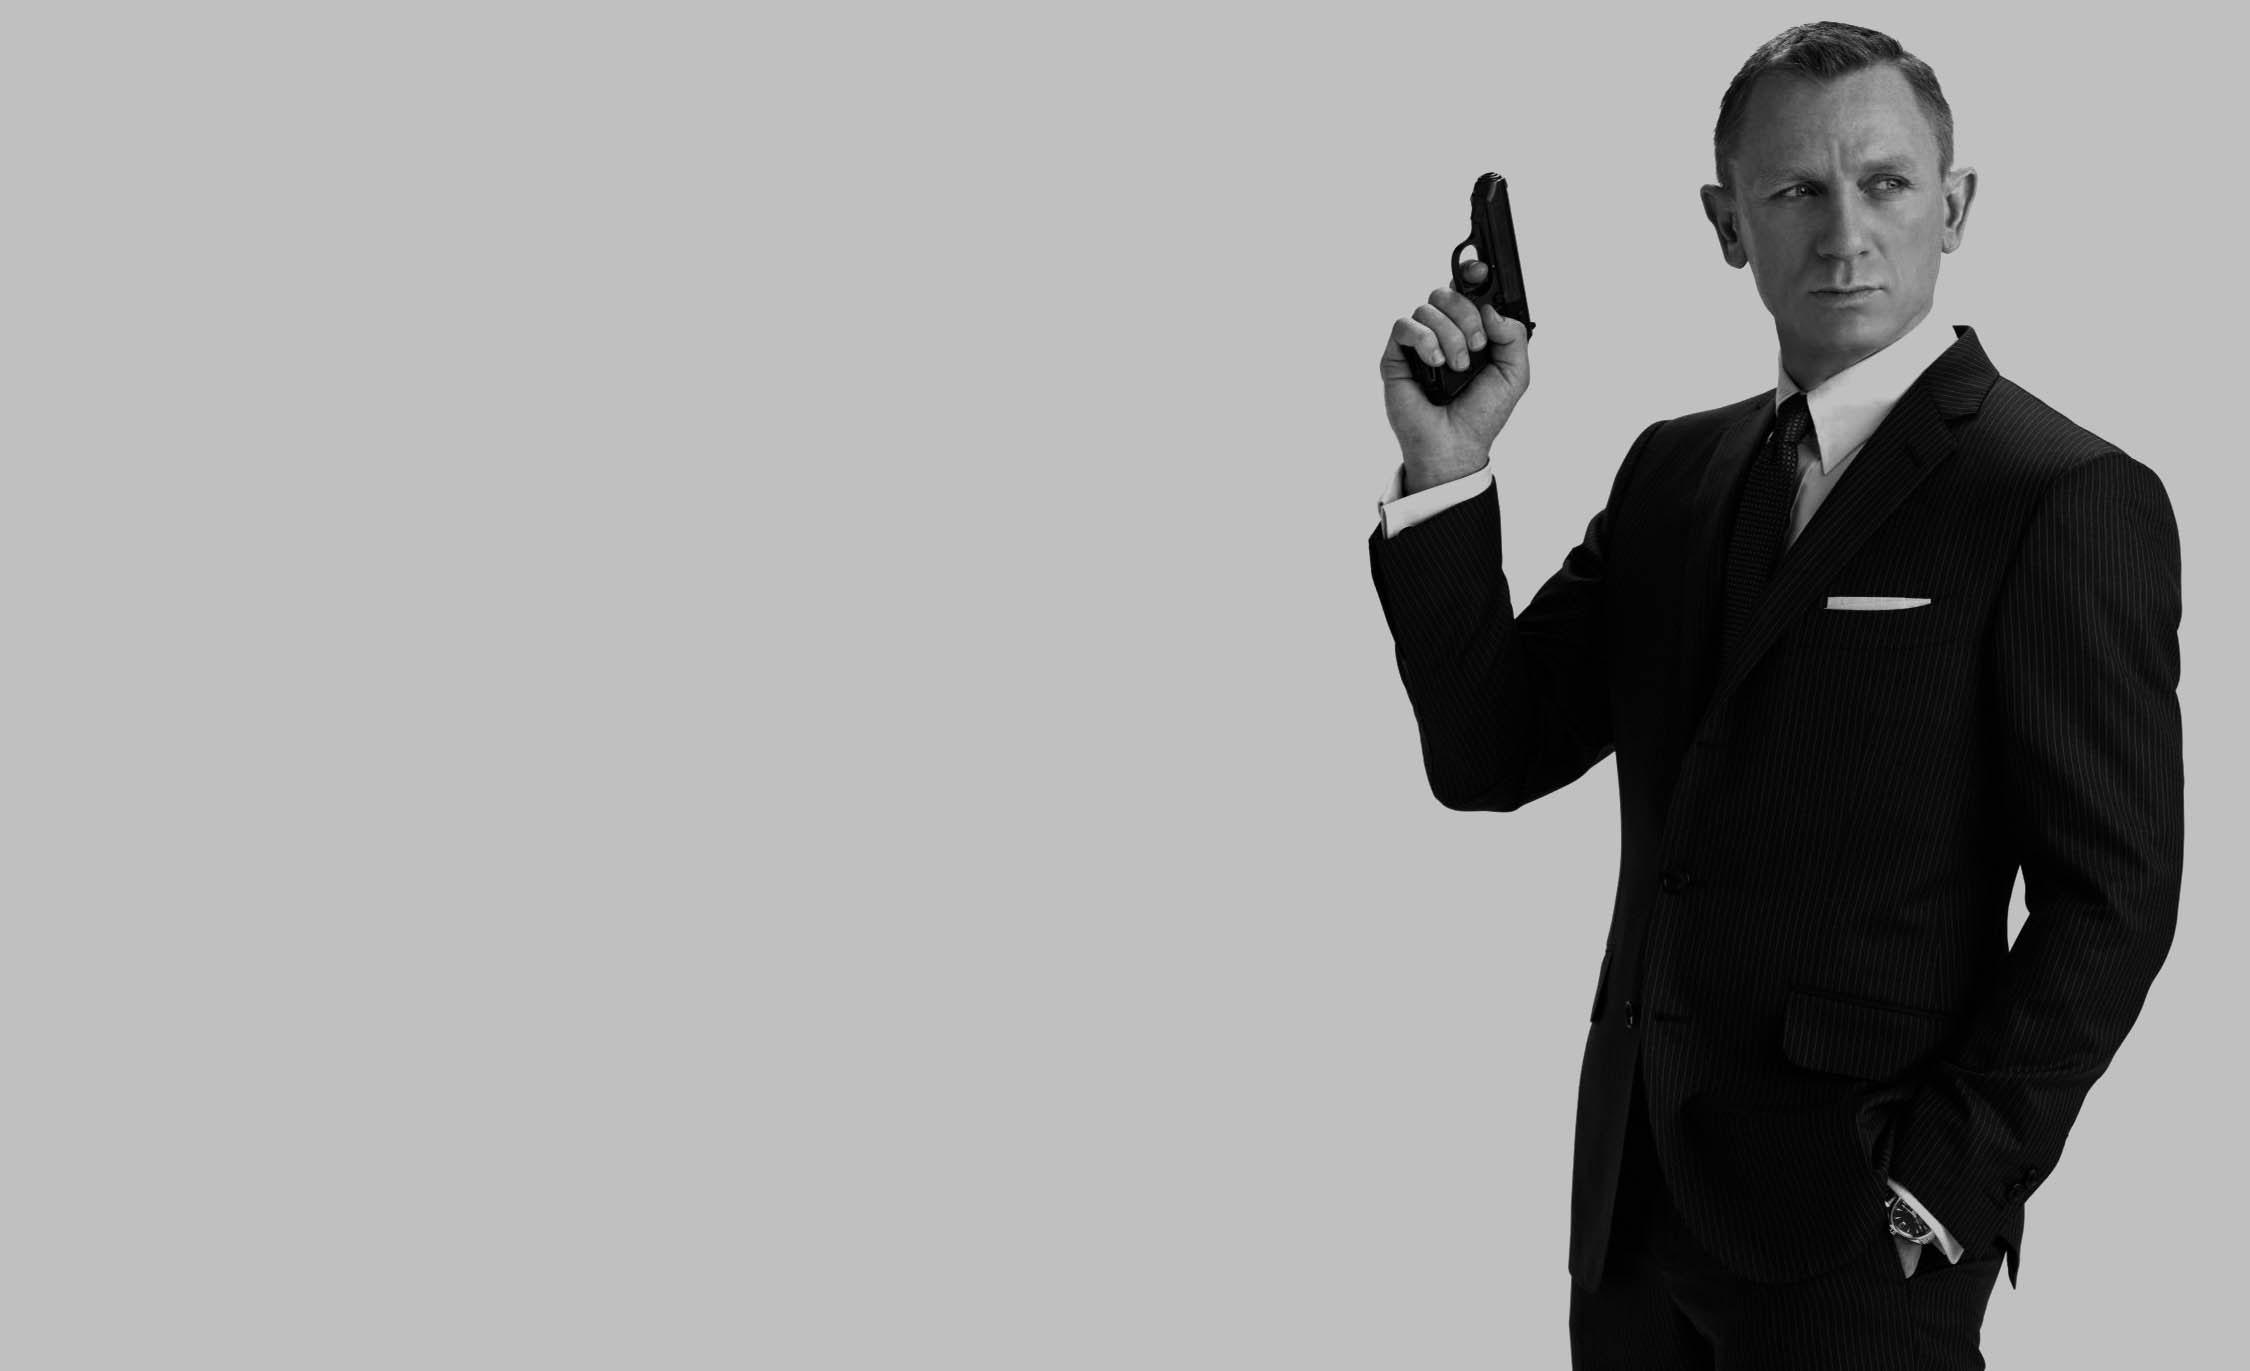 Tương lai sẽ có 'Điệp Viên 007' phiên bản nữ?